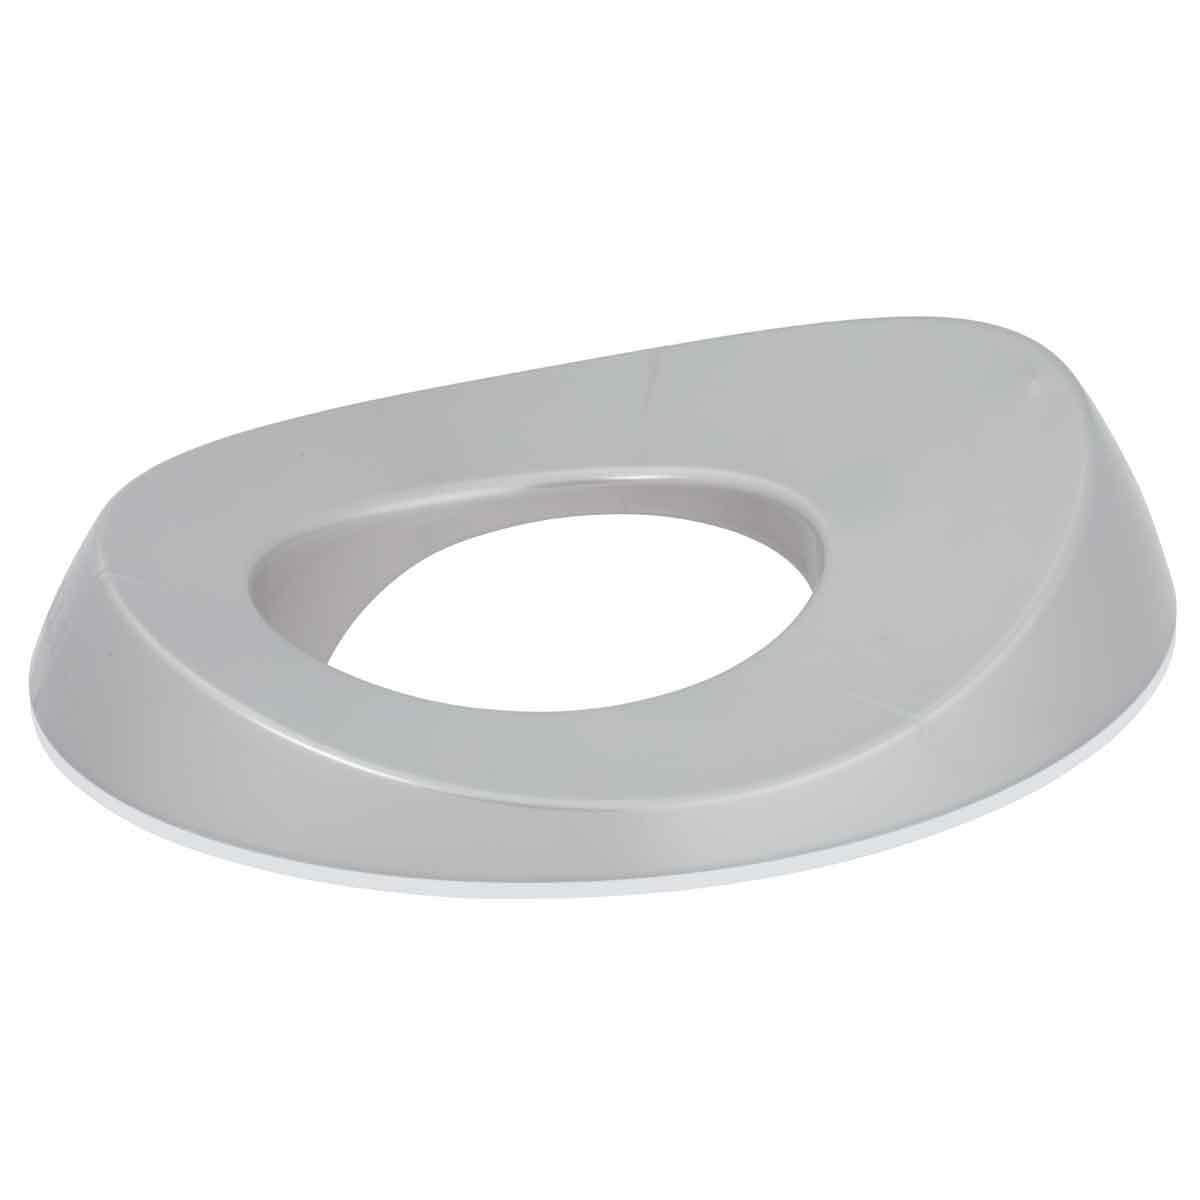 Pot & Réducteur Réducteur de Siège - Sparkling Grey Réducteur de Siège - Sparkling Grey